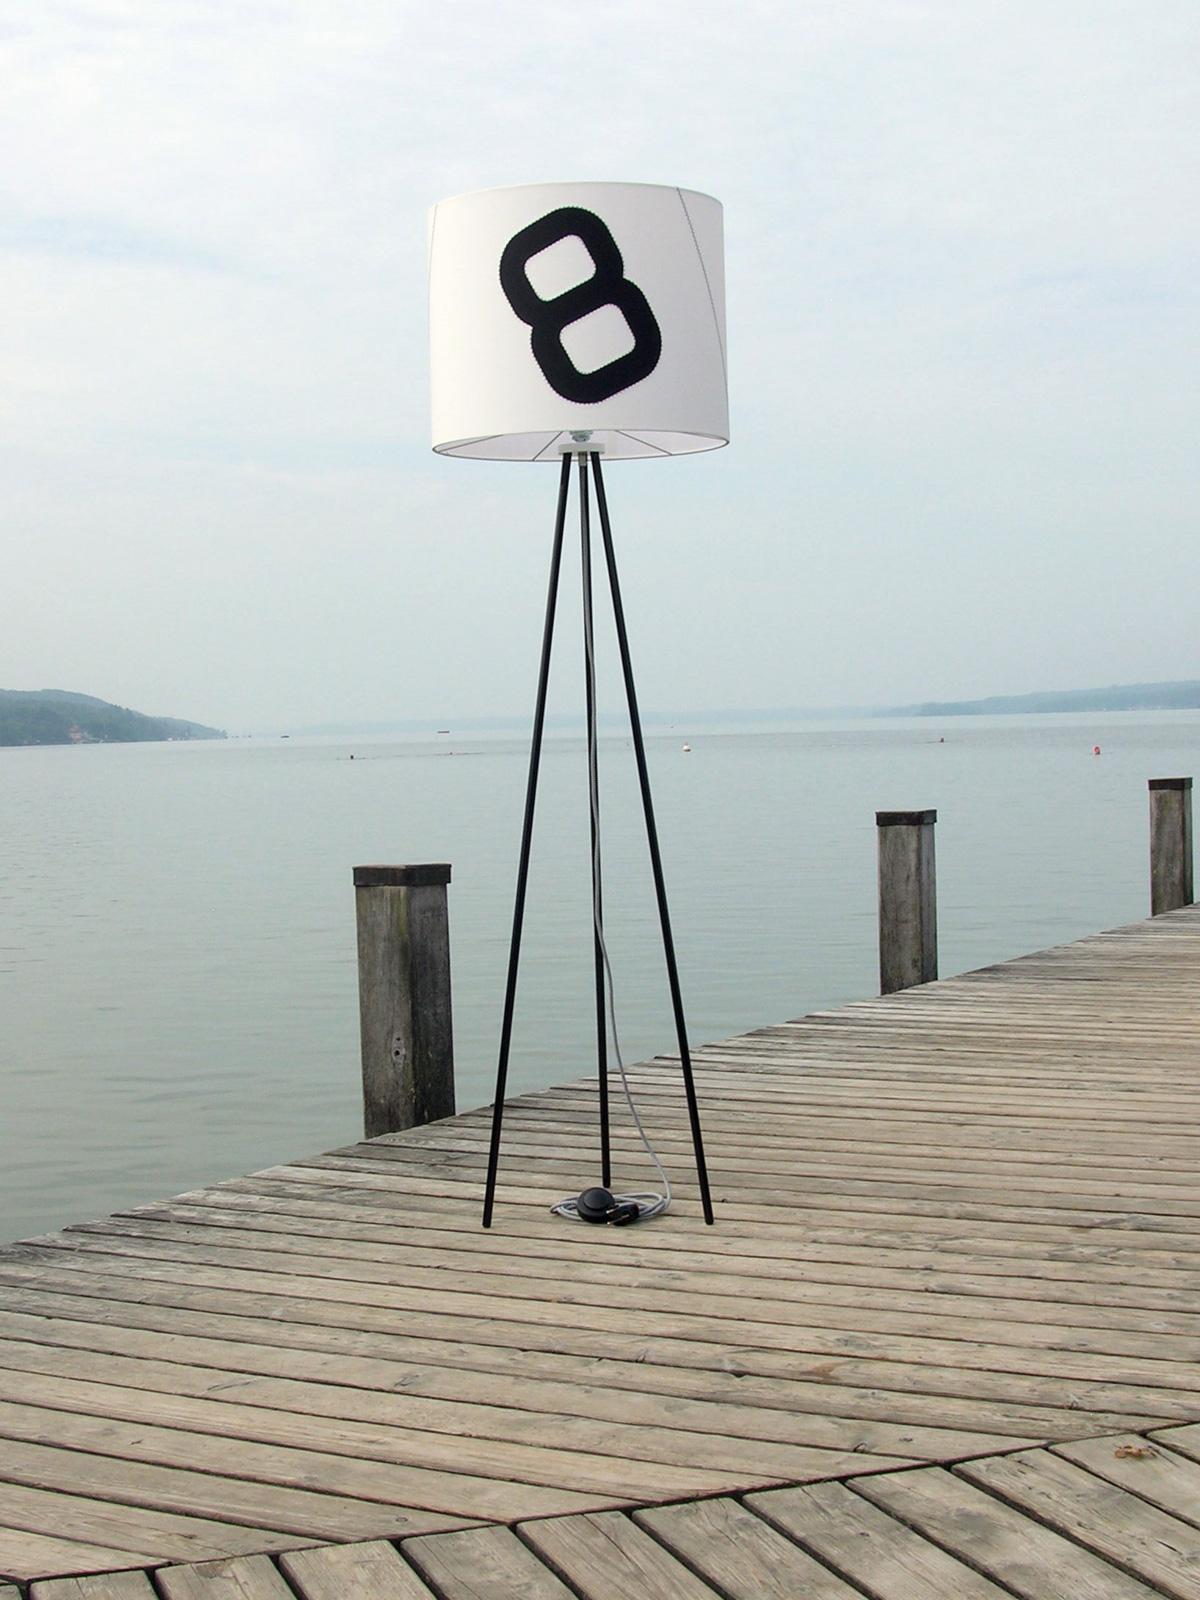 Lumbono Heimathafen Tripod Dreibein Stehleuchte maritim DesignOrt Onlineshop Lampen Berlin